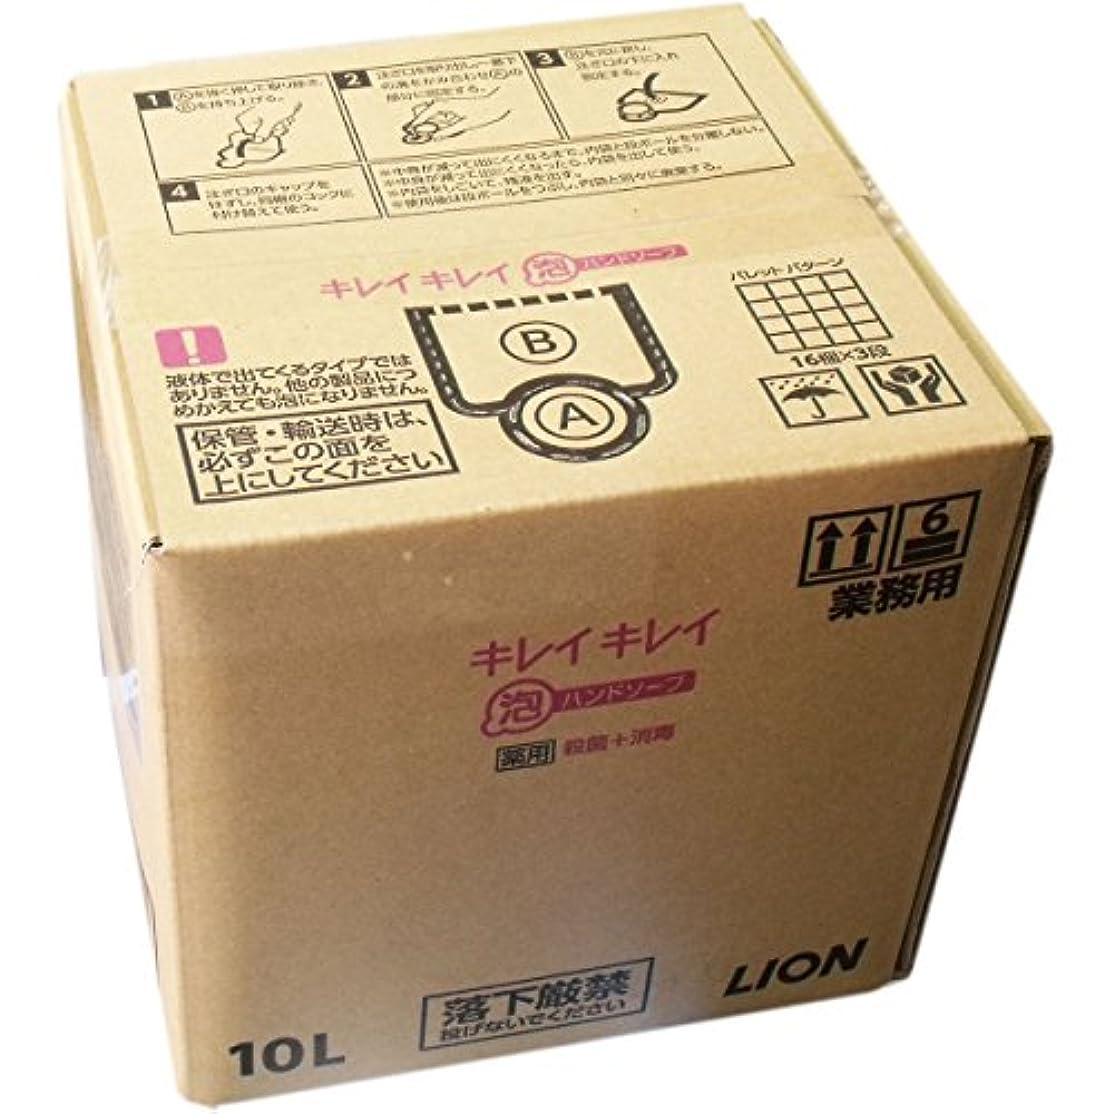 ライオン 業務用キレイキレイ 薬用泡ハンドソープ 10L